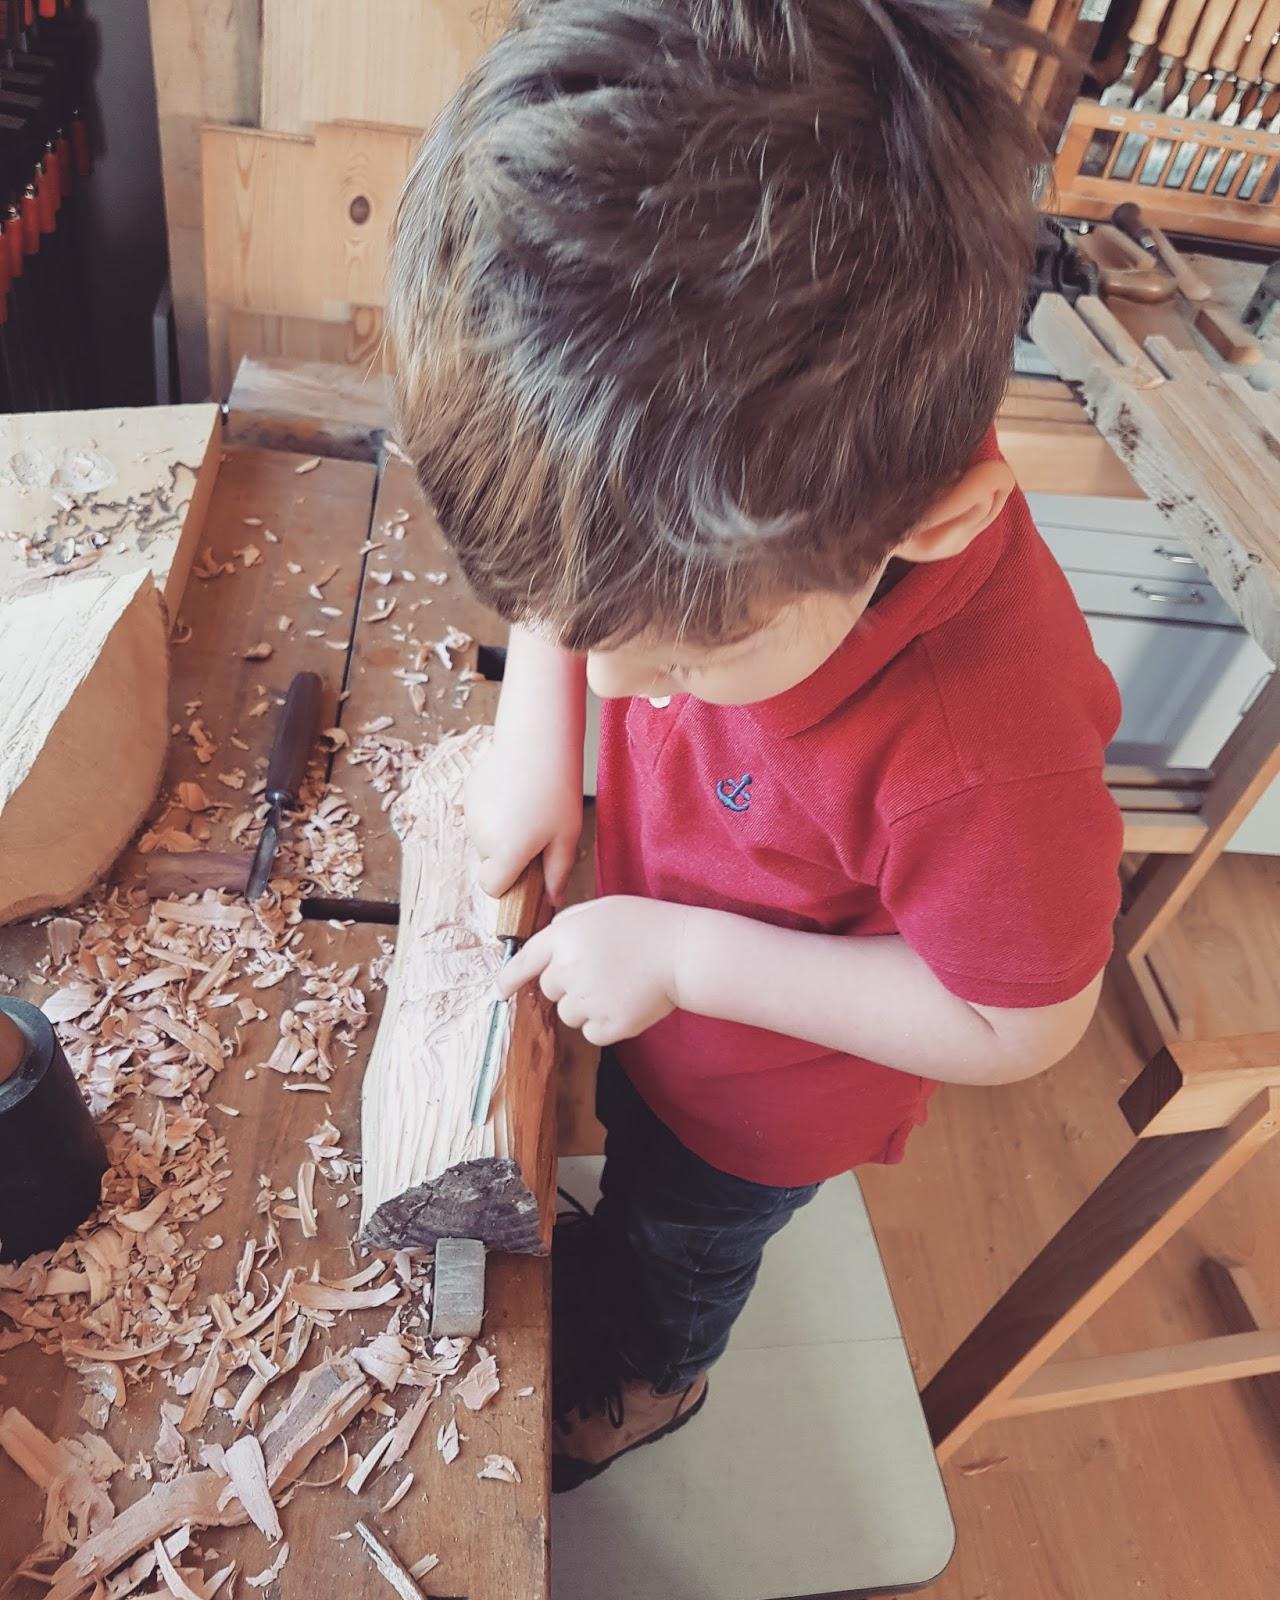 Die Klinge Lässt Sich Sehr Scharf Schleifen Und Lässt Sich Sehr Präzise  Durch Das Holz Steuern. Mein Sohne Musste Das Unbedingt Selbst Testen Und  Hat Sich ...